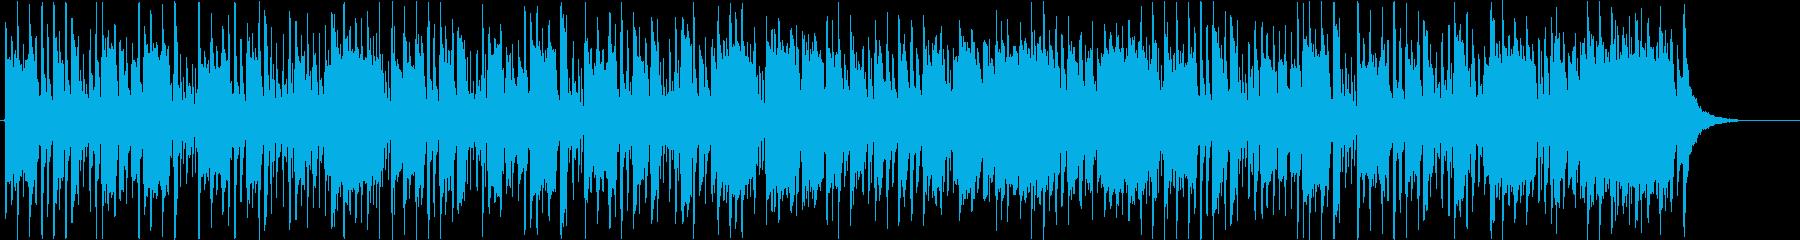 アップテンポで前向きな高音のポップな曲の再生済みの波形